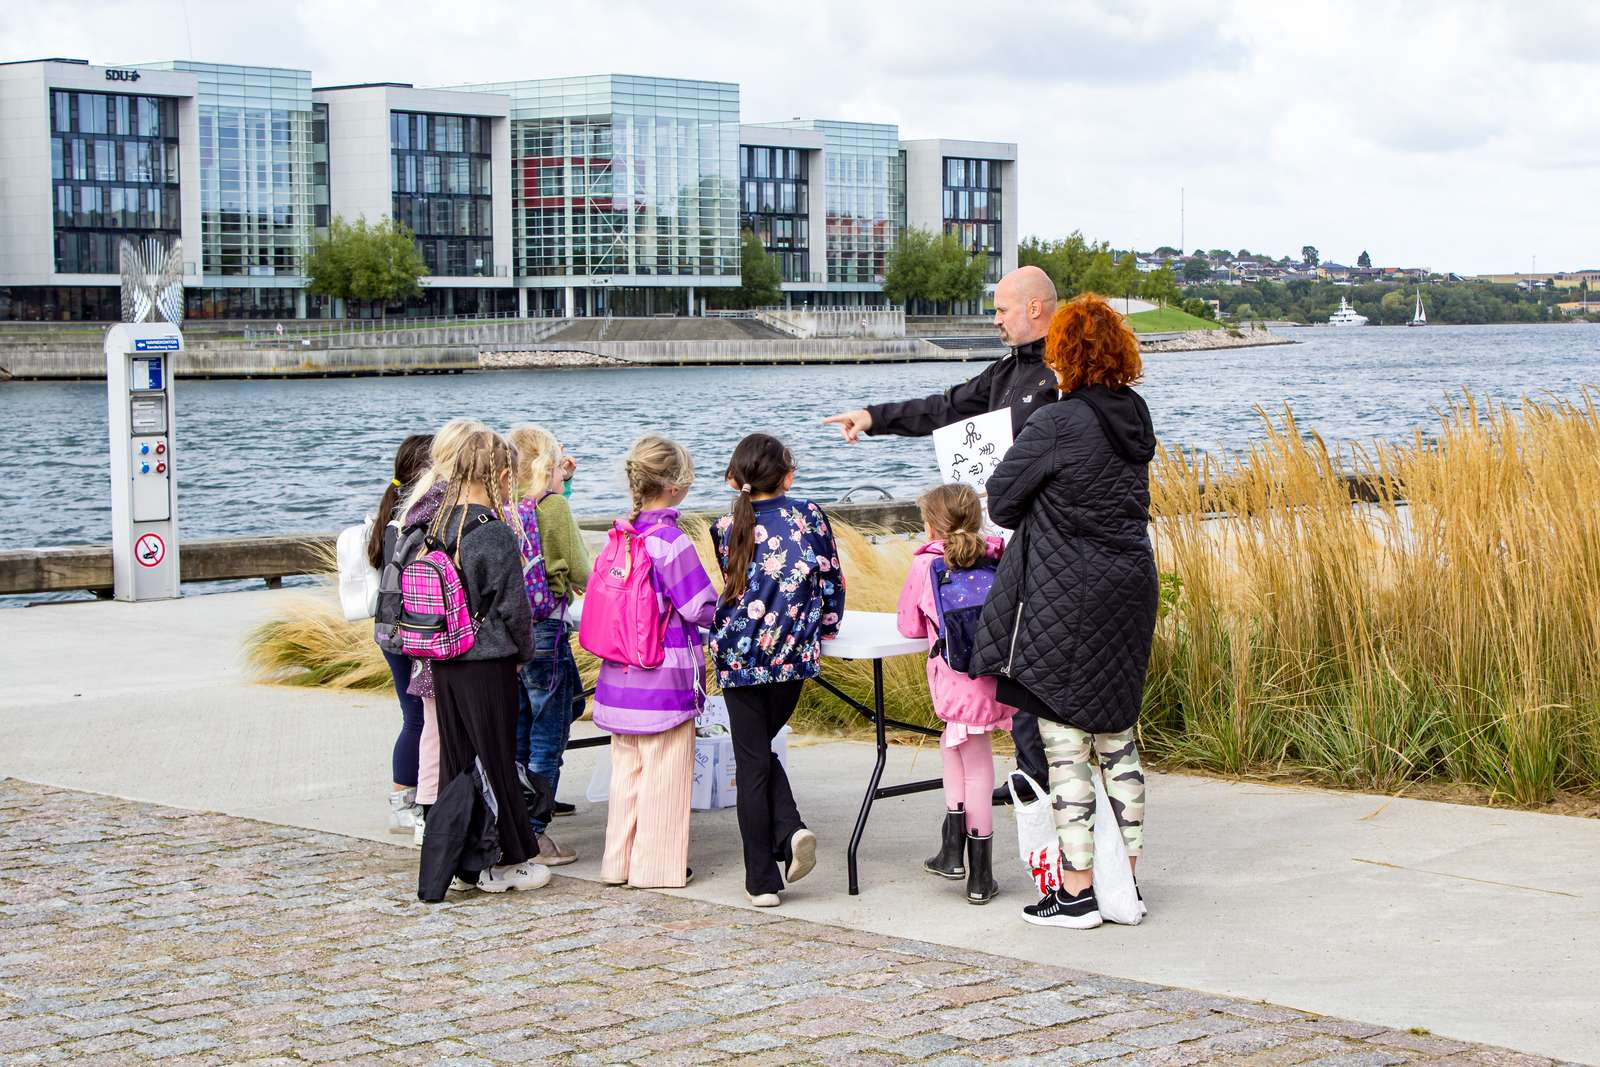 Sønderborg ser på bosætning, bæredygtighed, børn og unge i et grænseoverskridende perspektiv